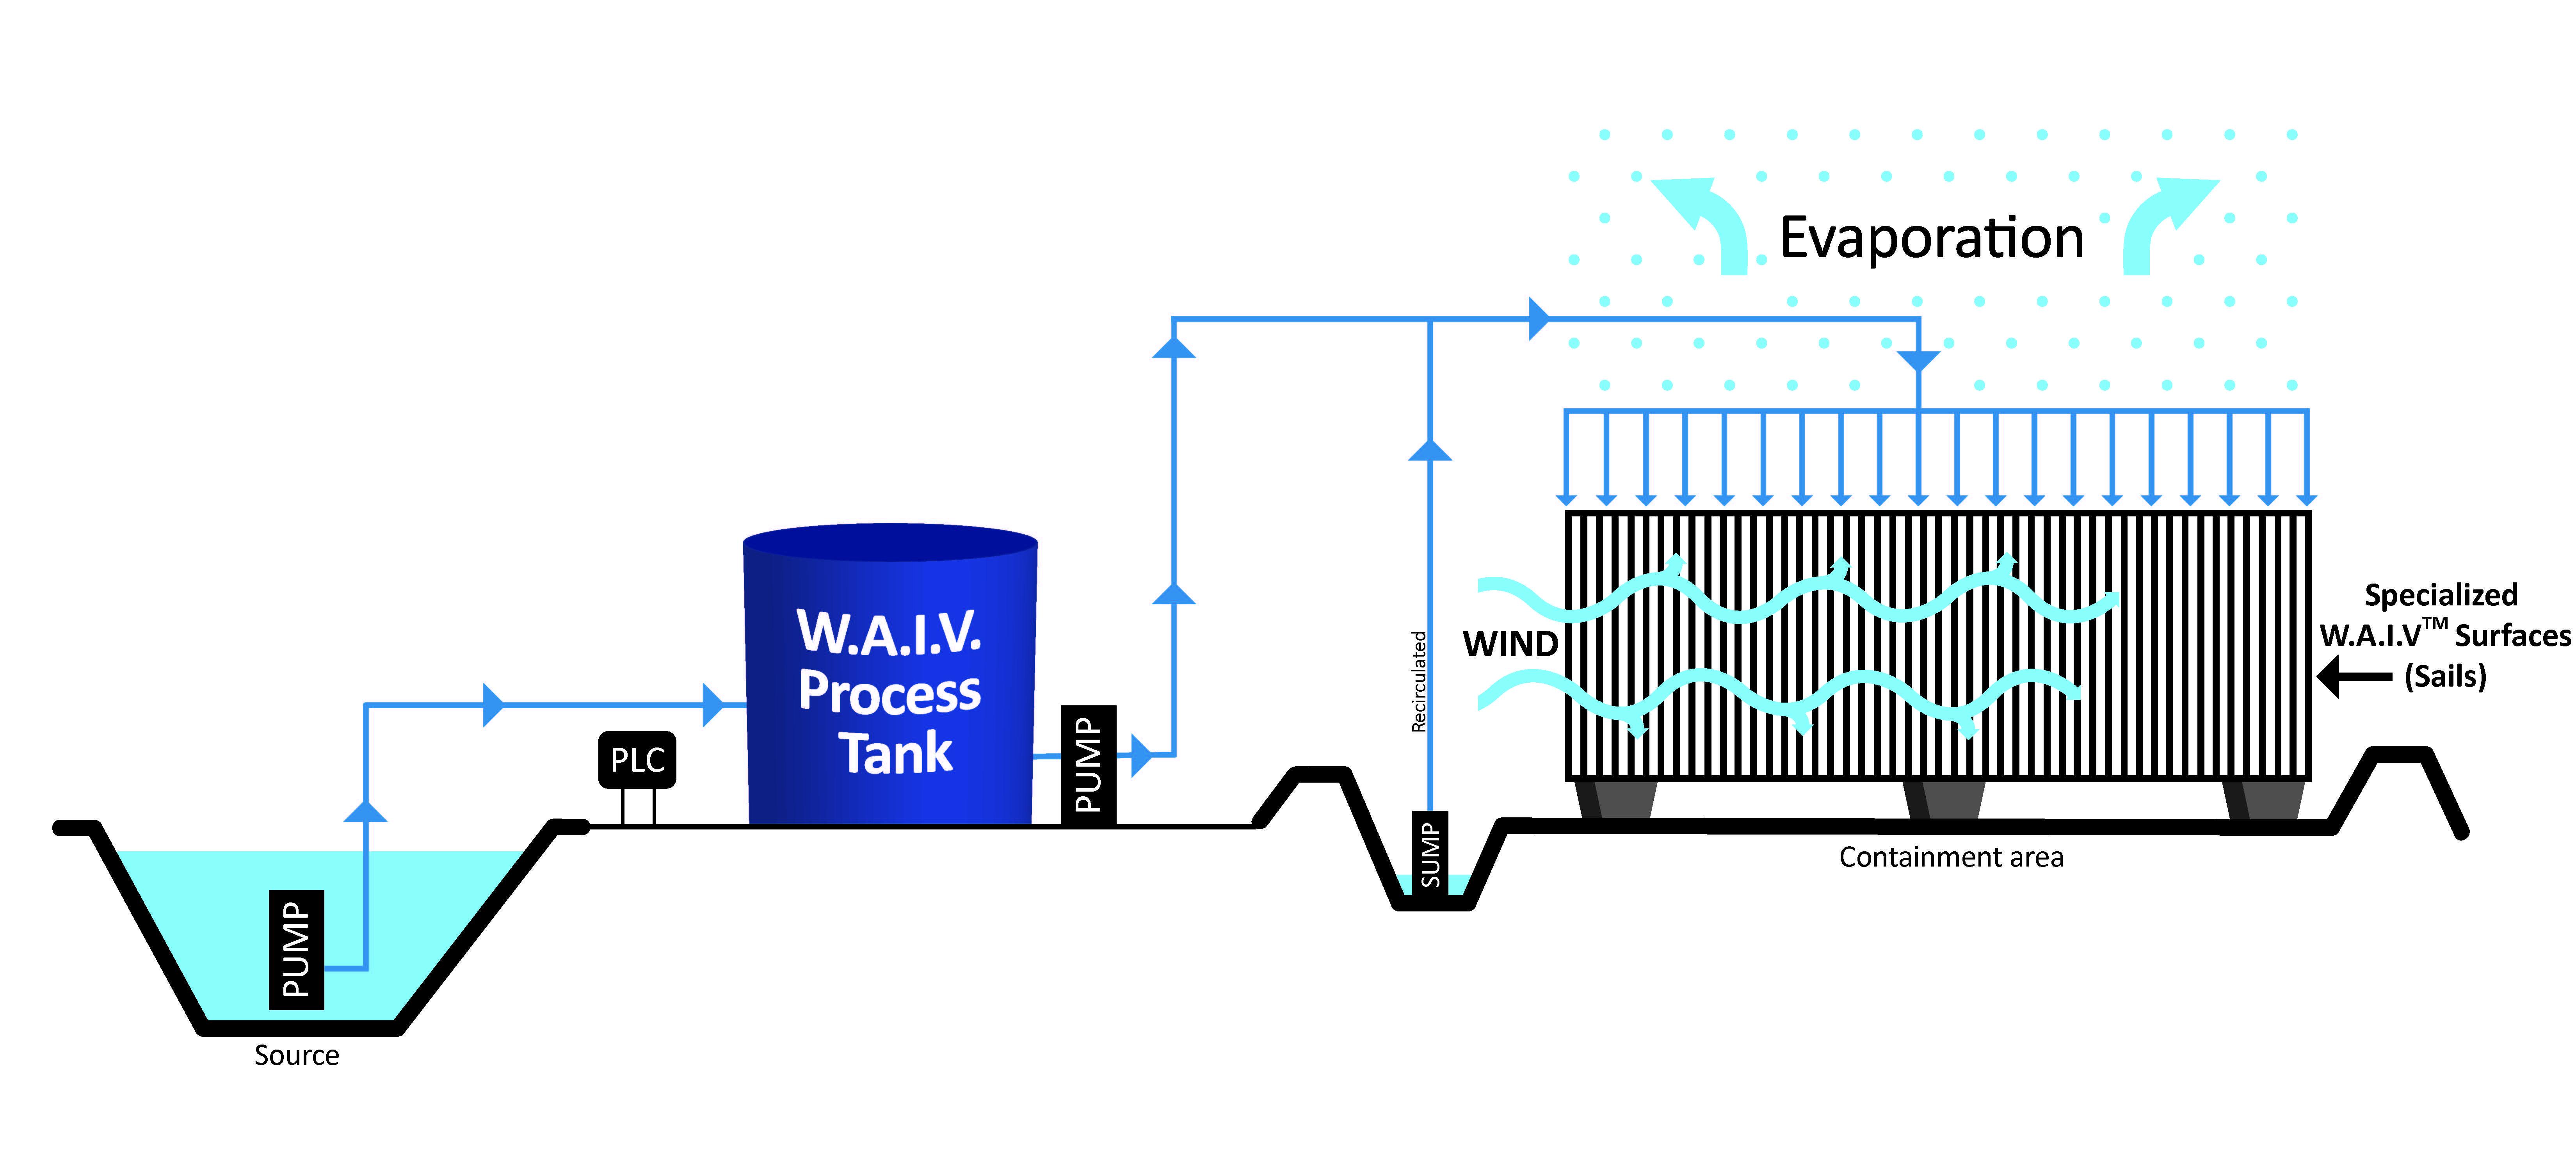 WAIV process diagram - general